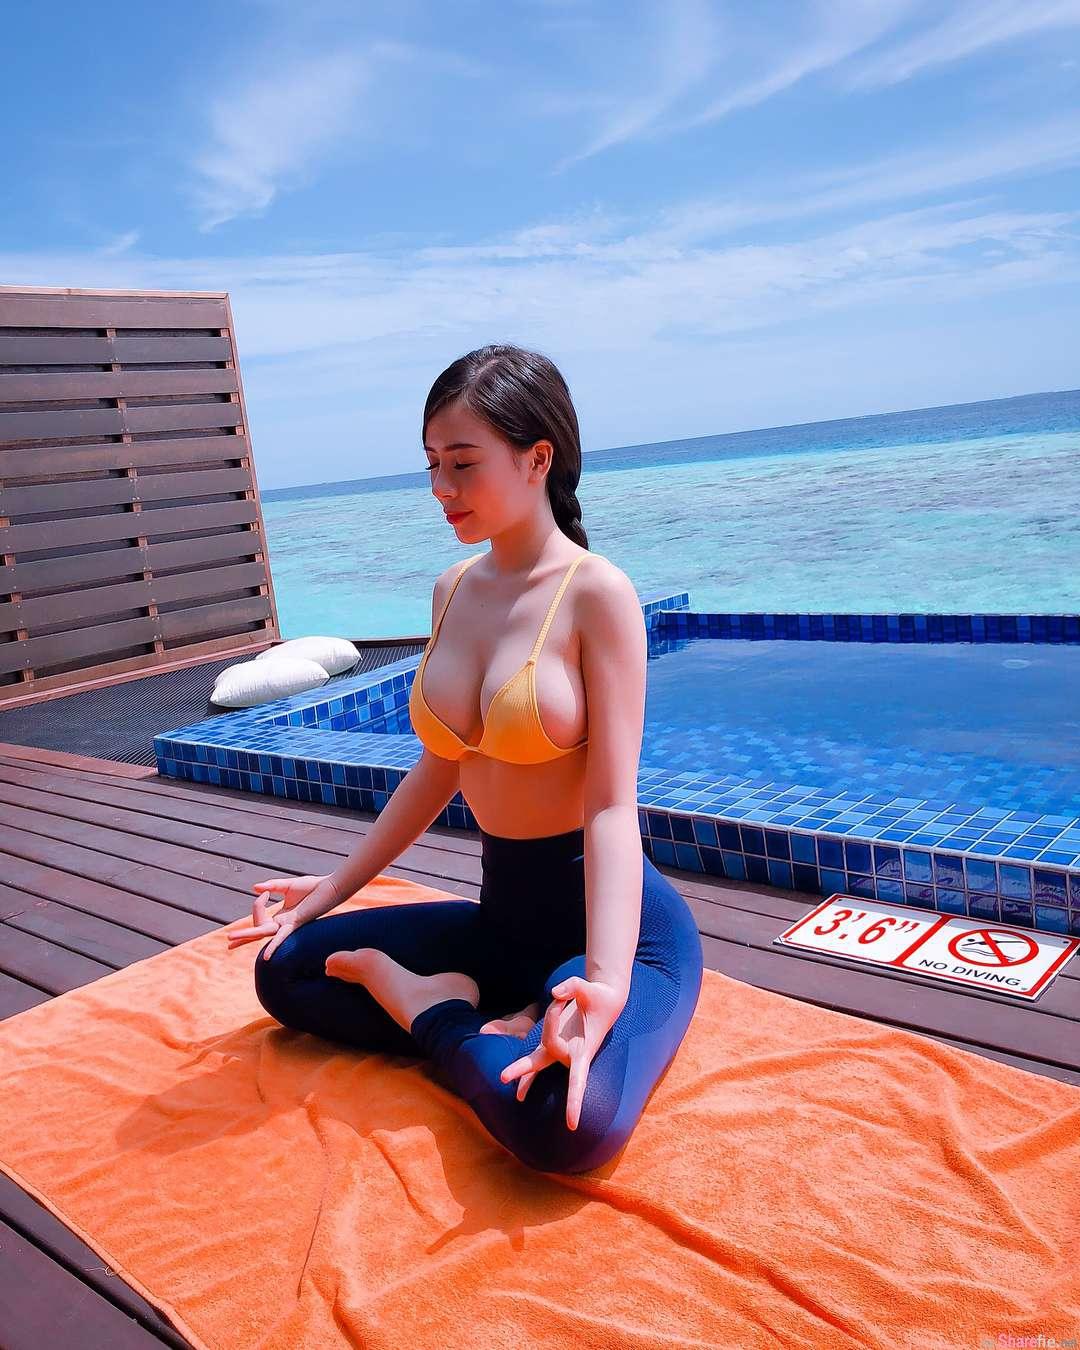 瑜伽正妹海边静坐,惊人身材网友暴动